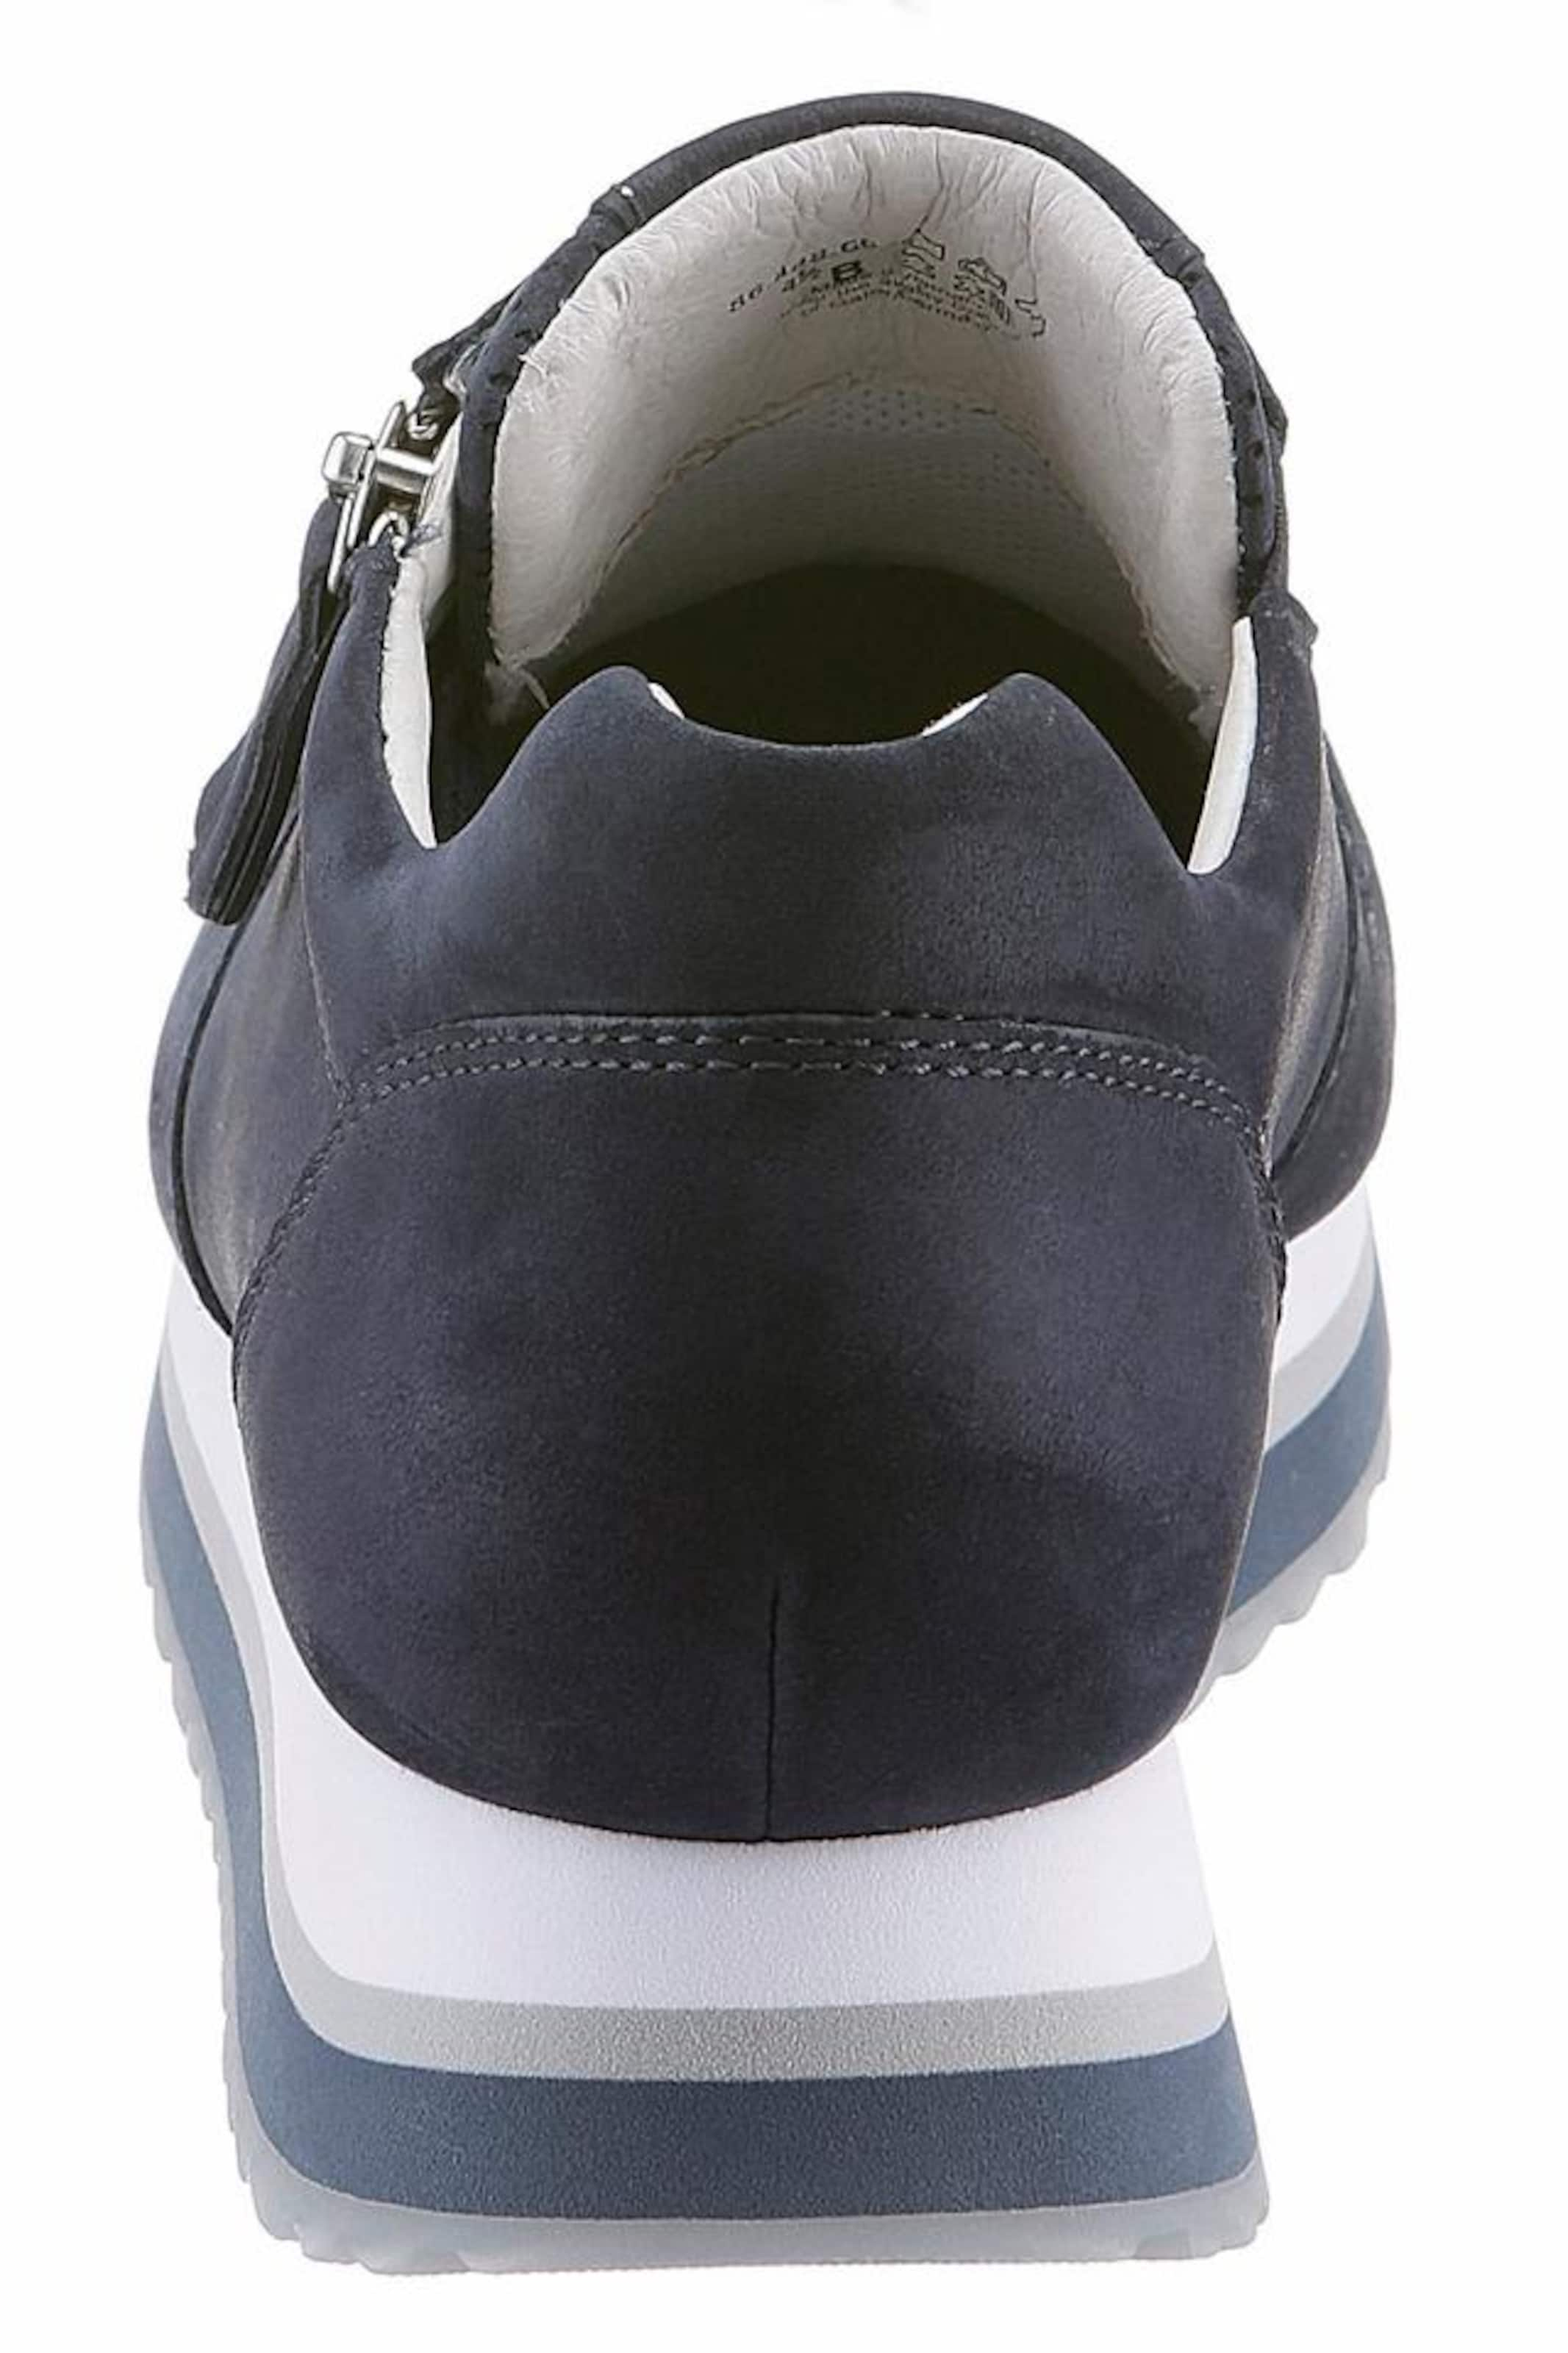 Billig Verkauf Countdown-Paket GABOR Sneaker Rabatt Finish UltjqusaJ